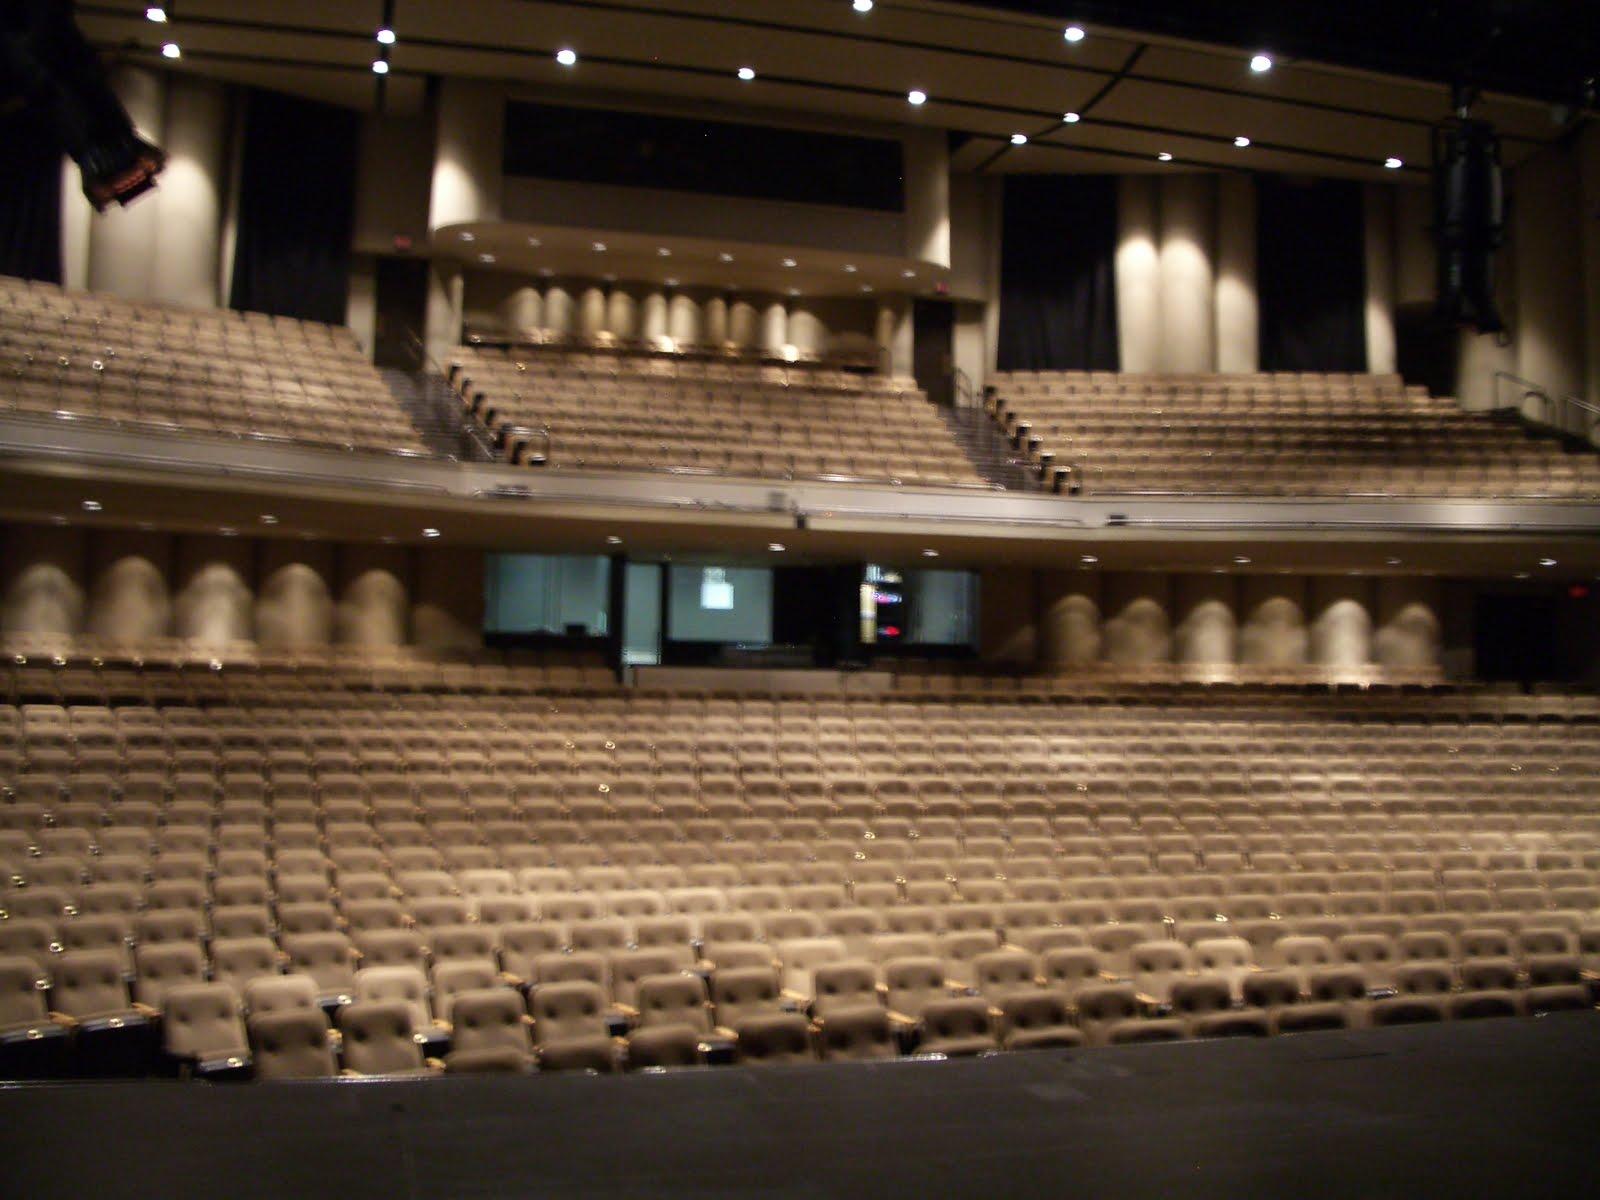 Walton Arts Center Seating Capacity Brokeasshome Com